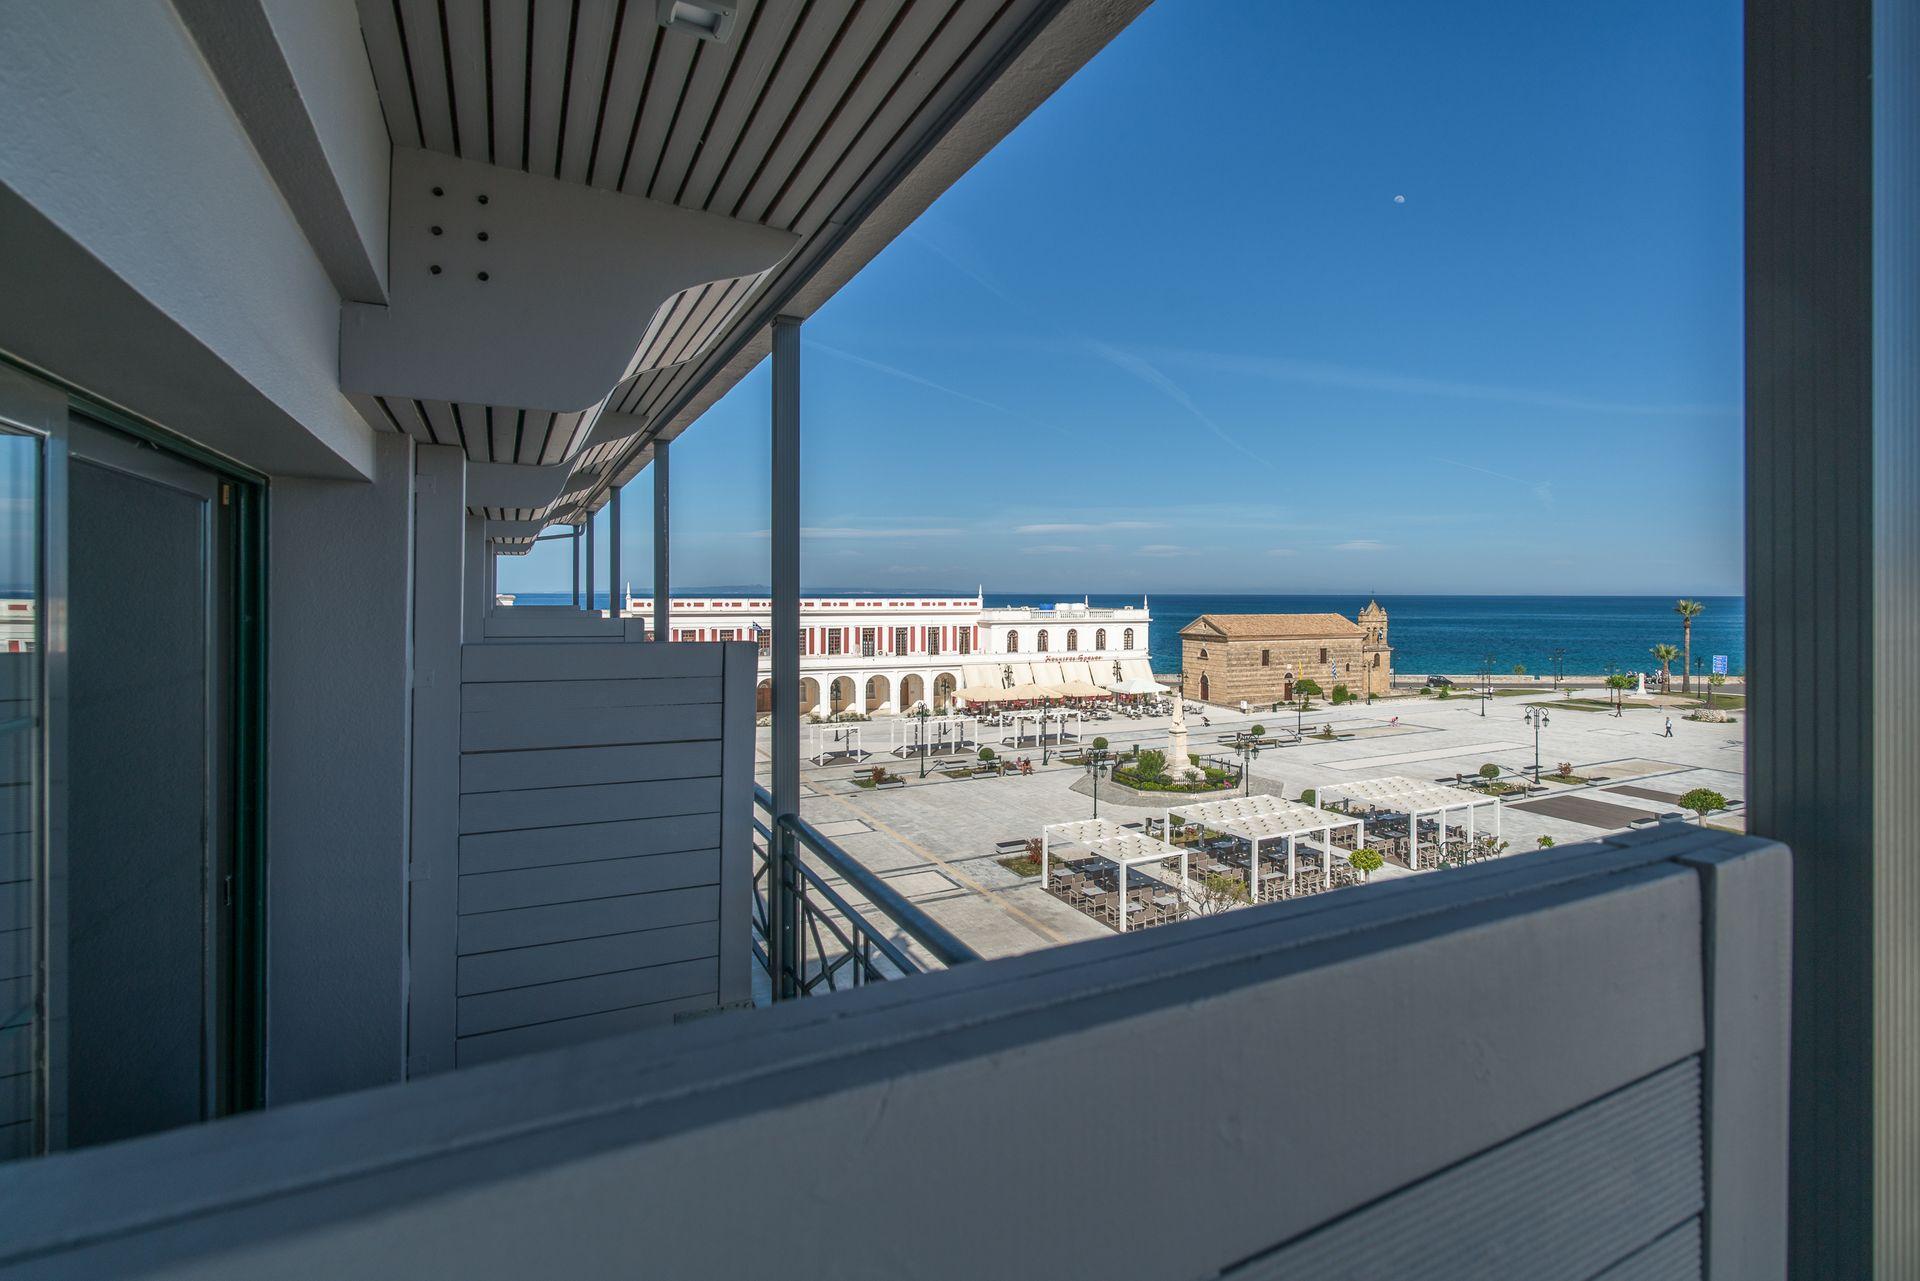 Οικογενειακό δωμάτιο με θέα θάλασσα phoenix hotel